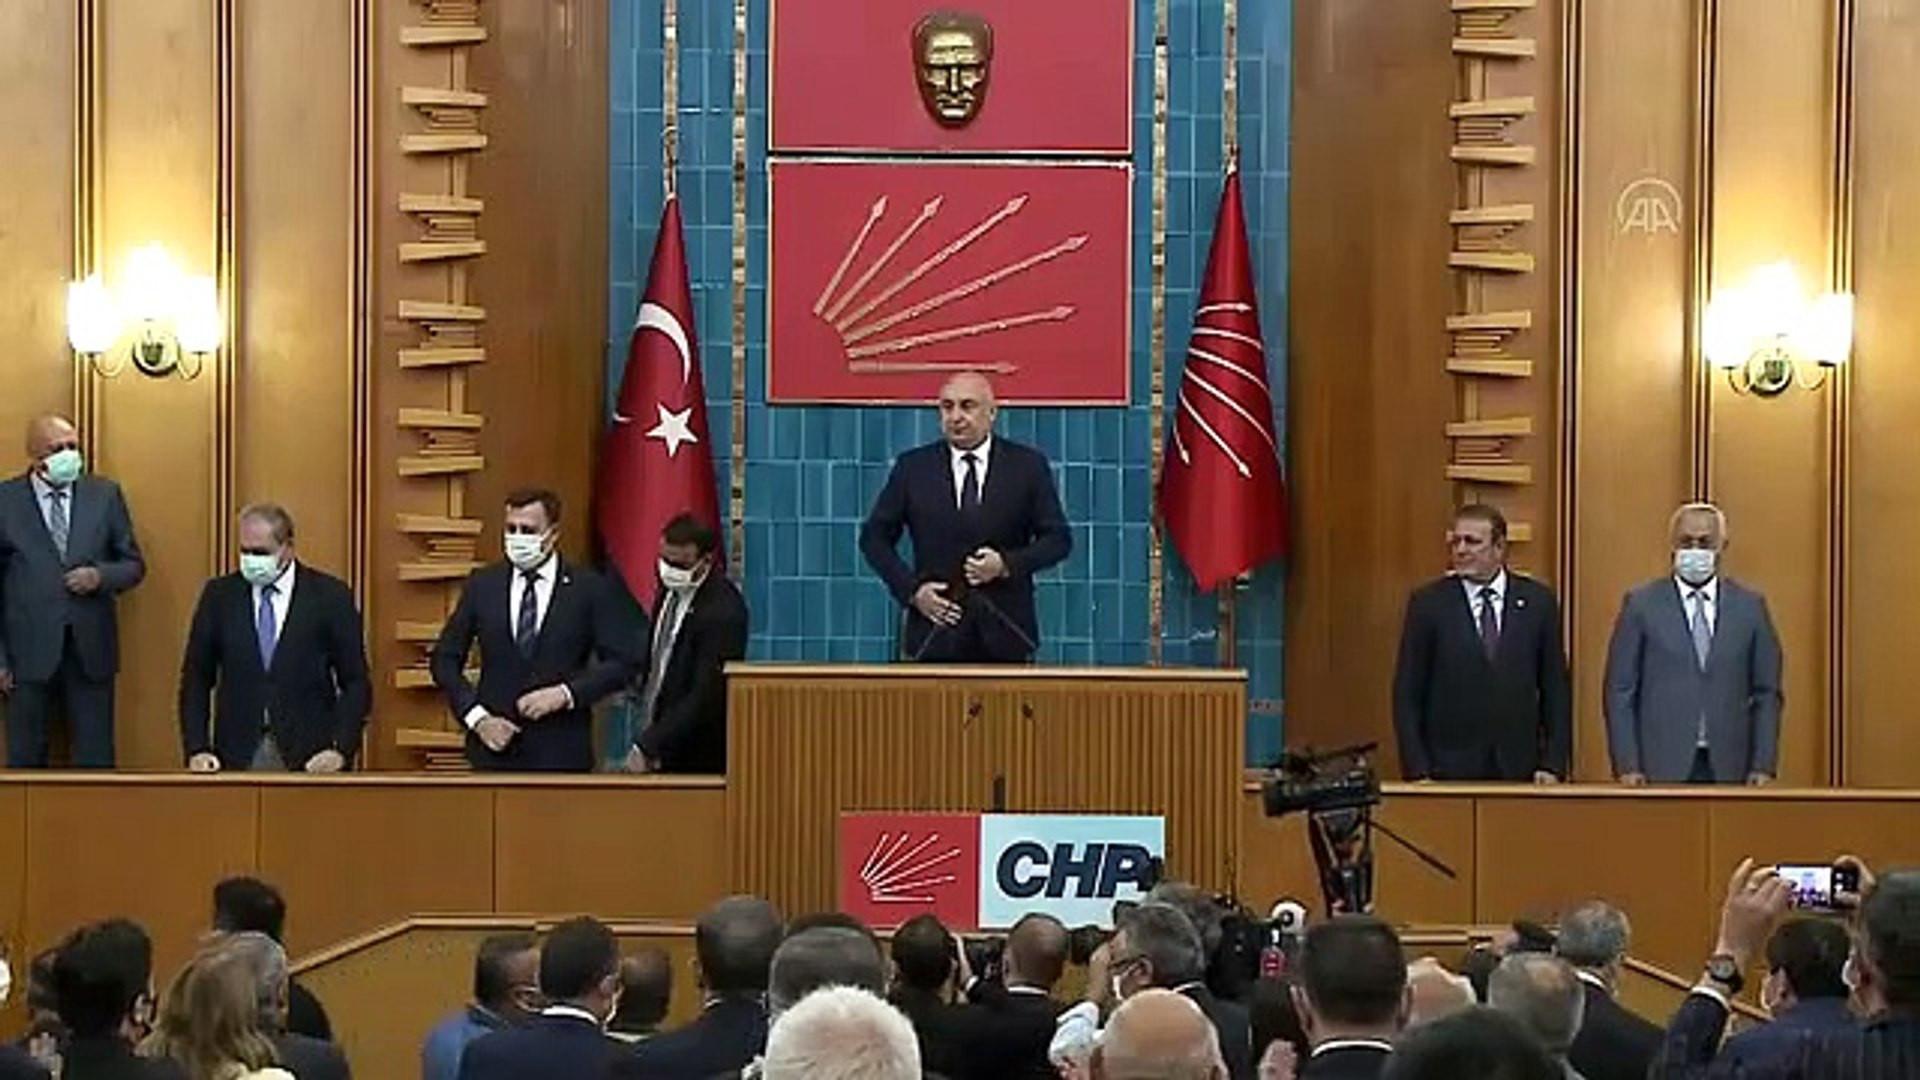 Kılıçdaroğlu: İsrail'in yaptığı bir katliamdır